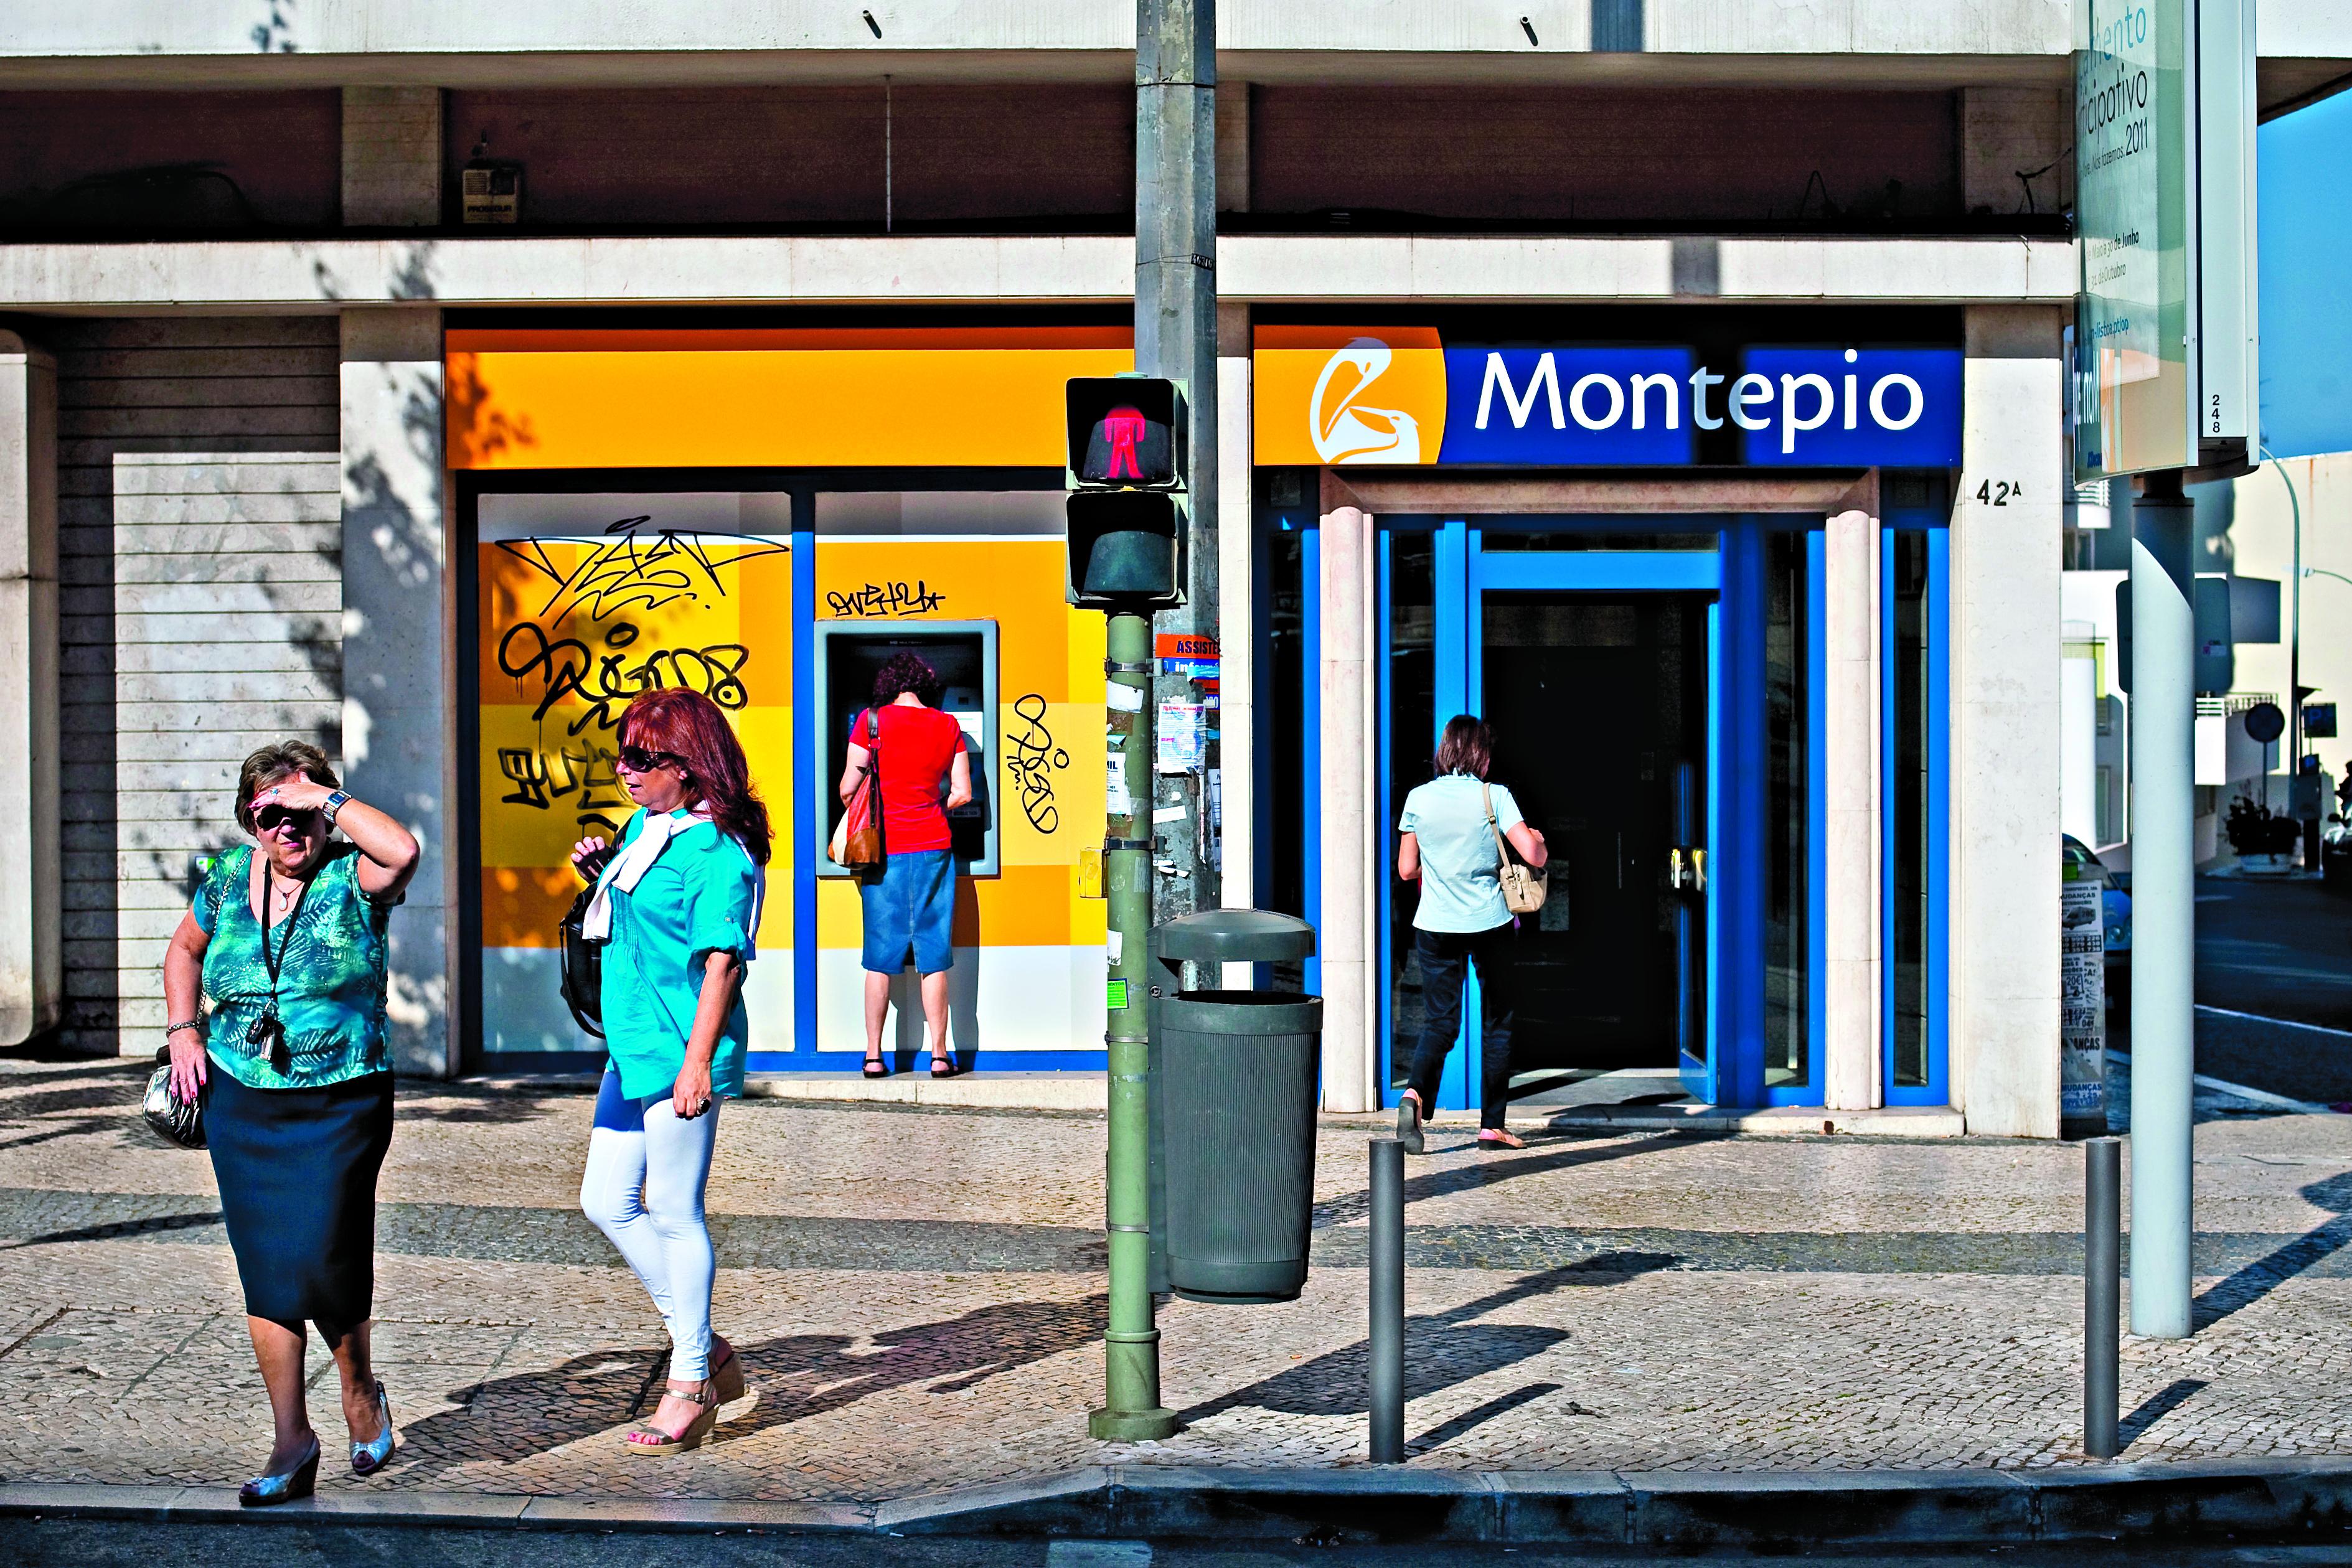 Montepio.